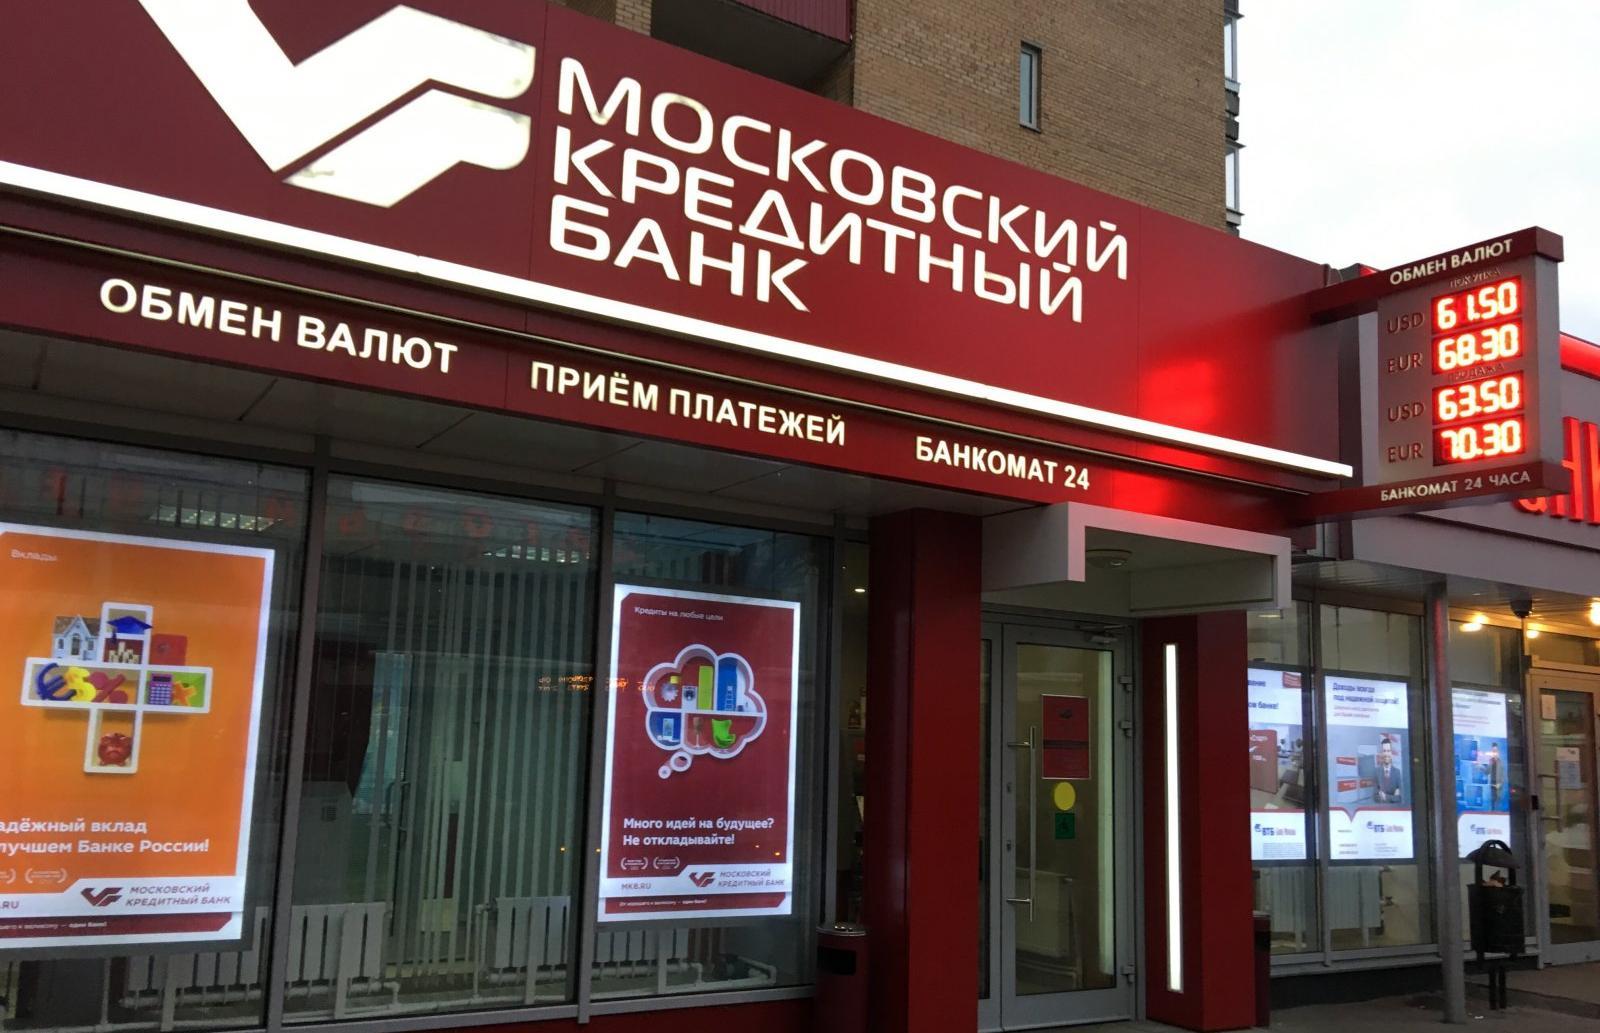 МКБ вошел в список лучших банков мира по версии Forbes  - новости Афанасий